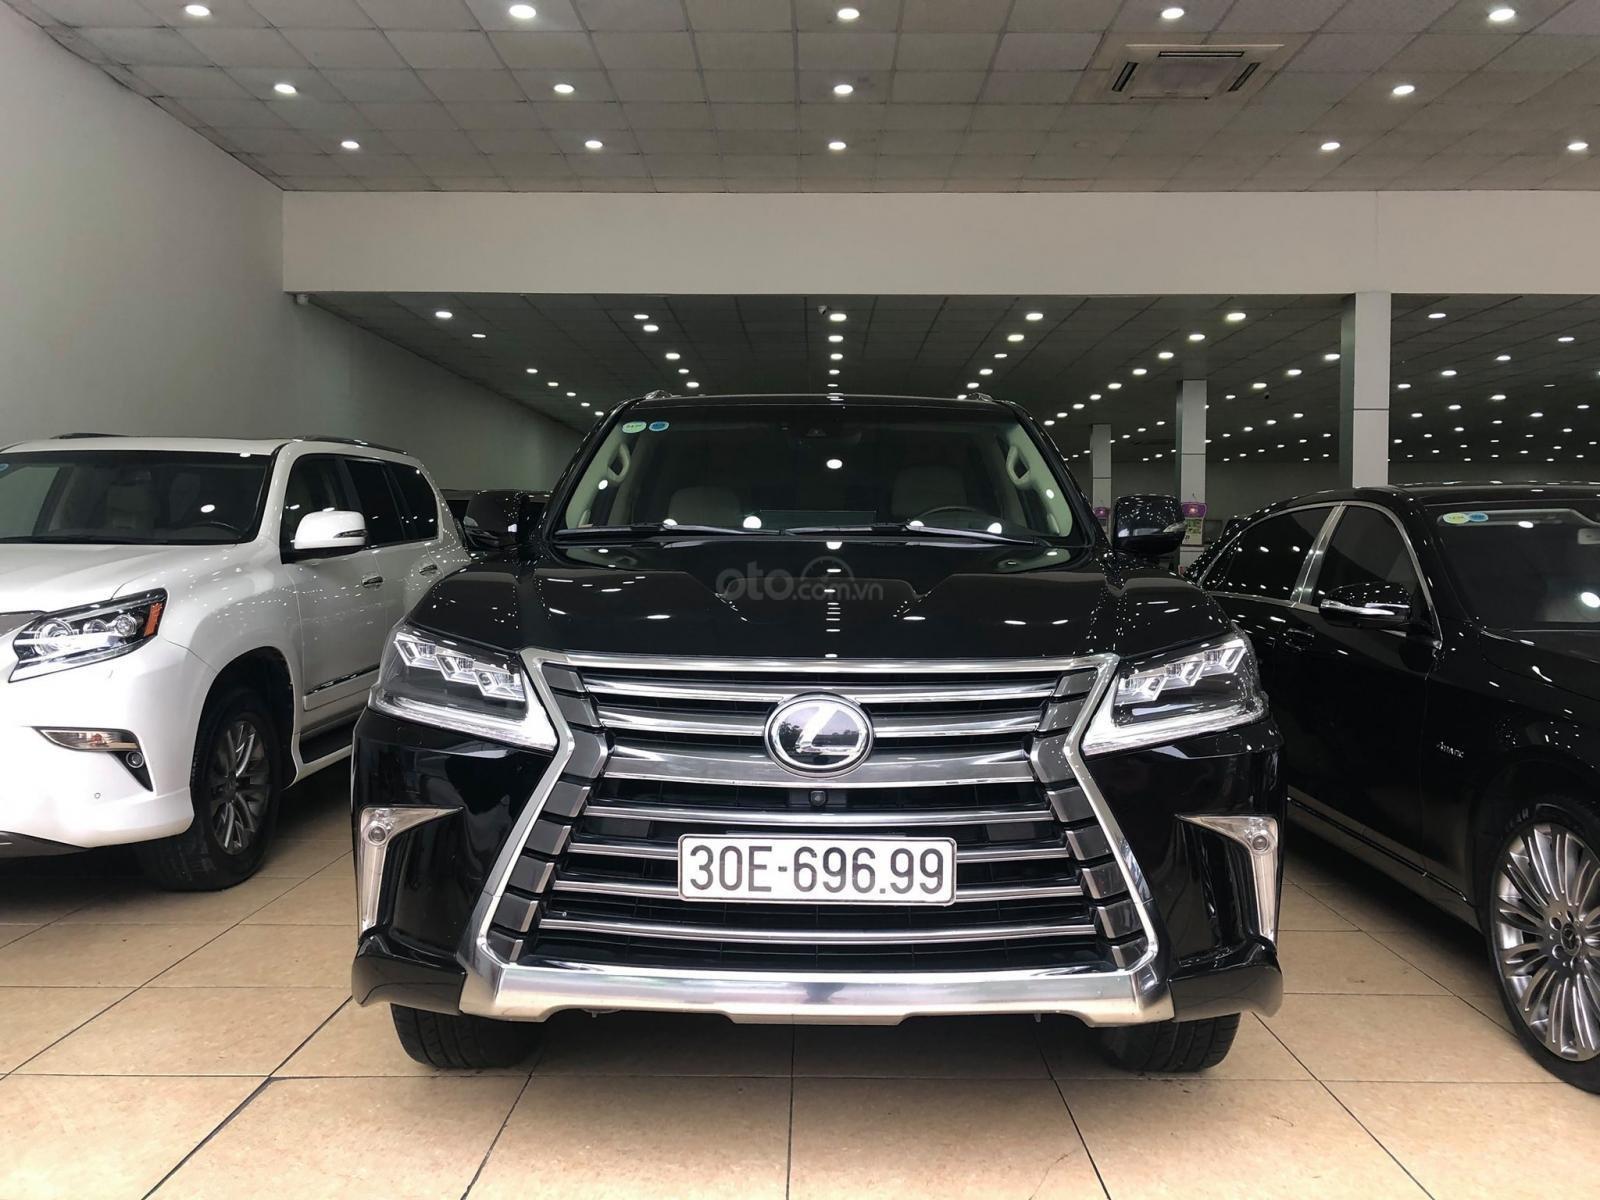 Bán Lexus Lx570 xuất Mỹ đăng ký lần đầu 2016 tên cá nhân (2)